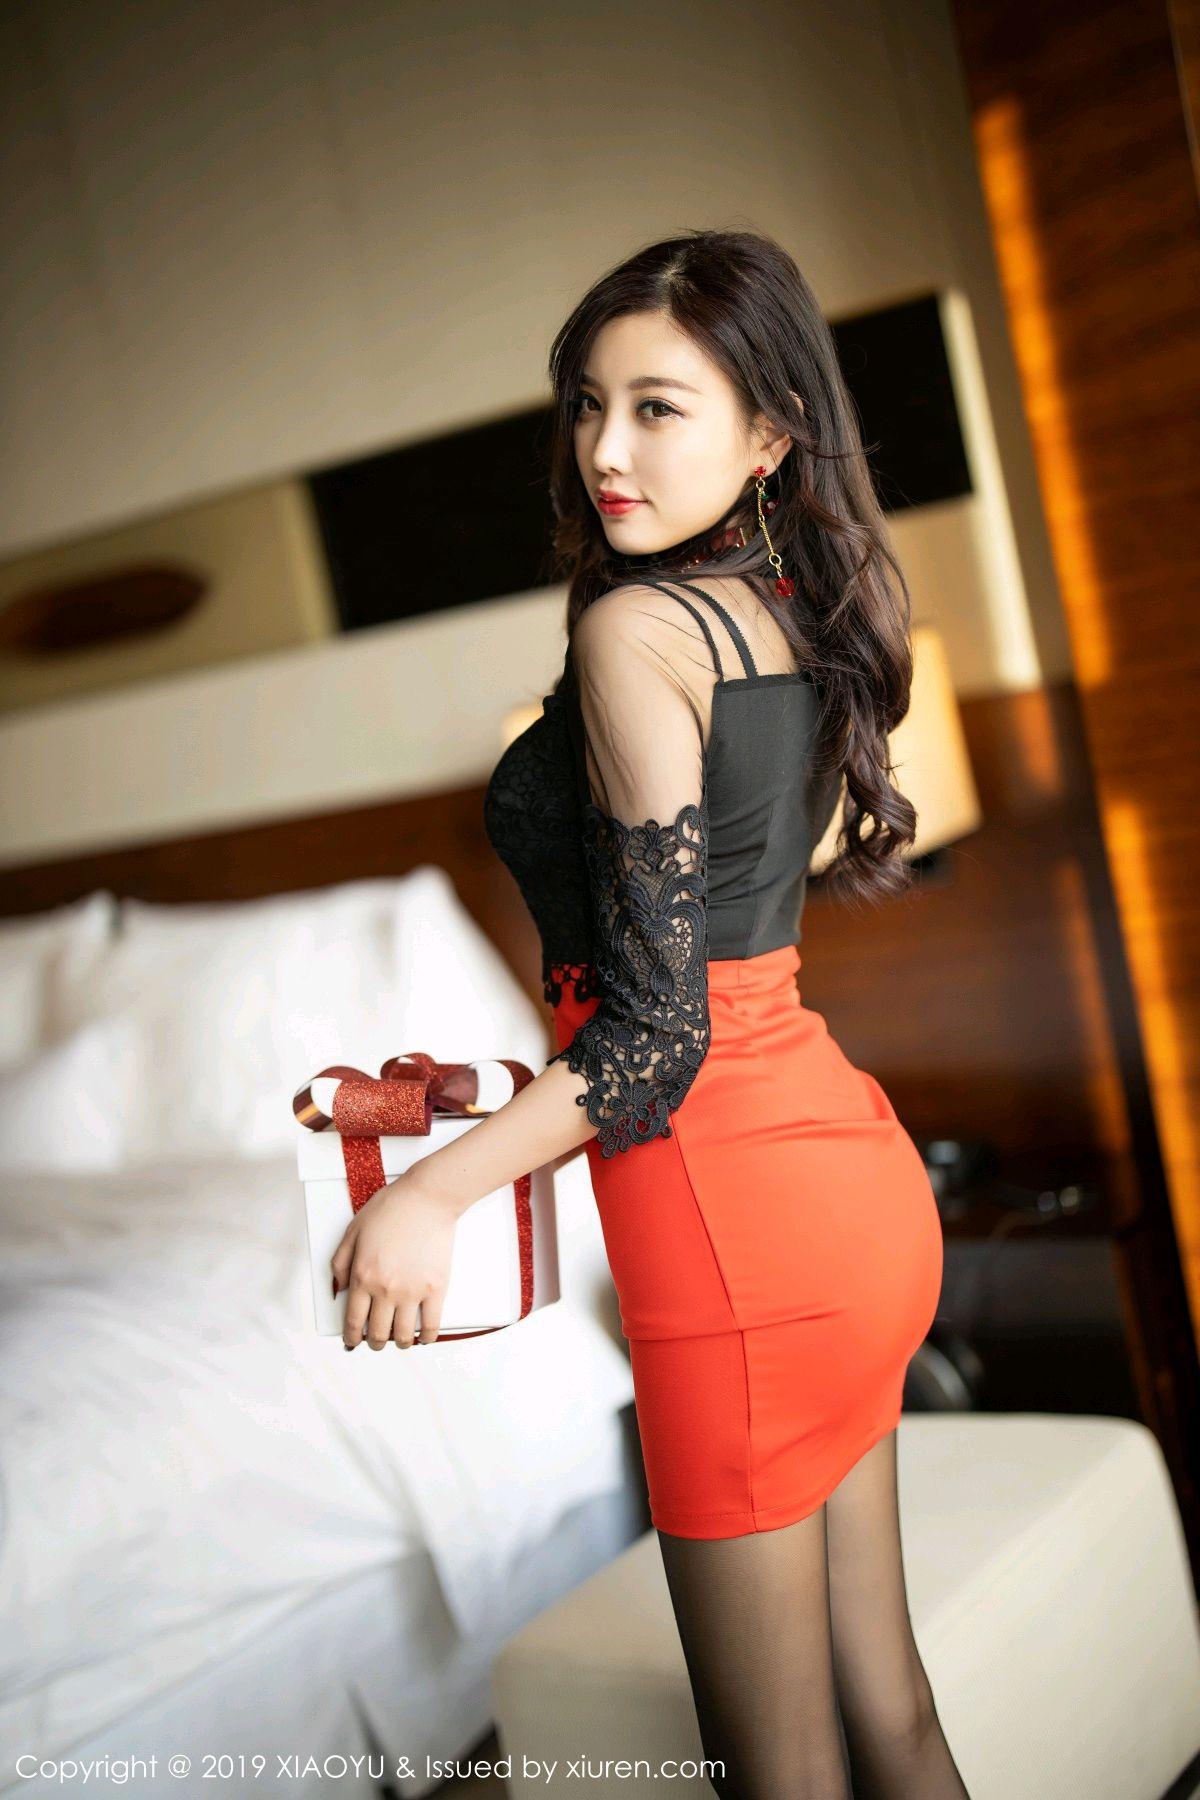 [XiaoYu] Vol.225 Yang Chen Chen 35P, Christmas, Underwear, XiaoYu, Yang Chen Chen